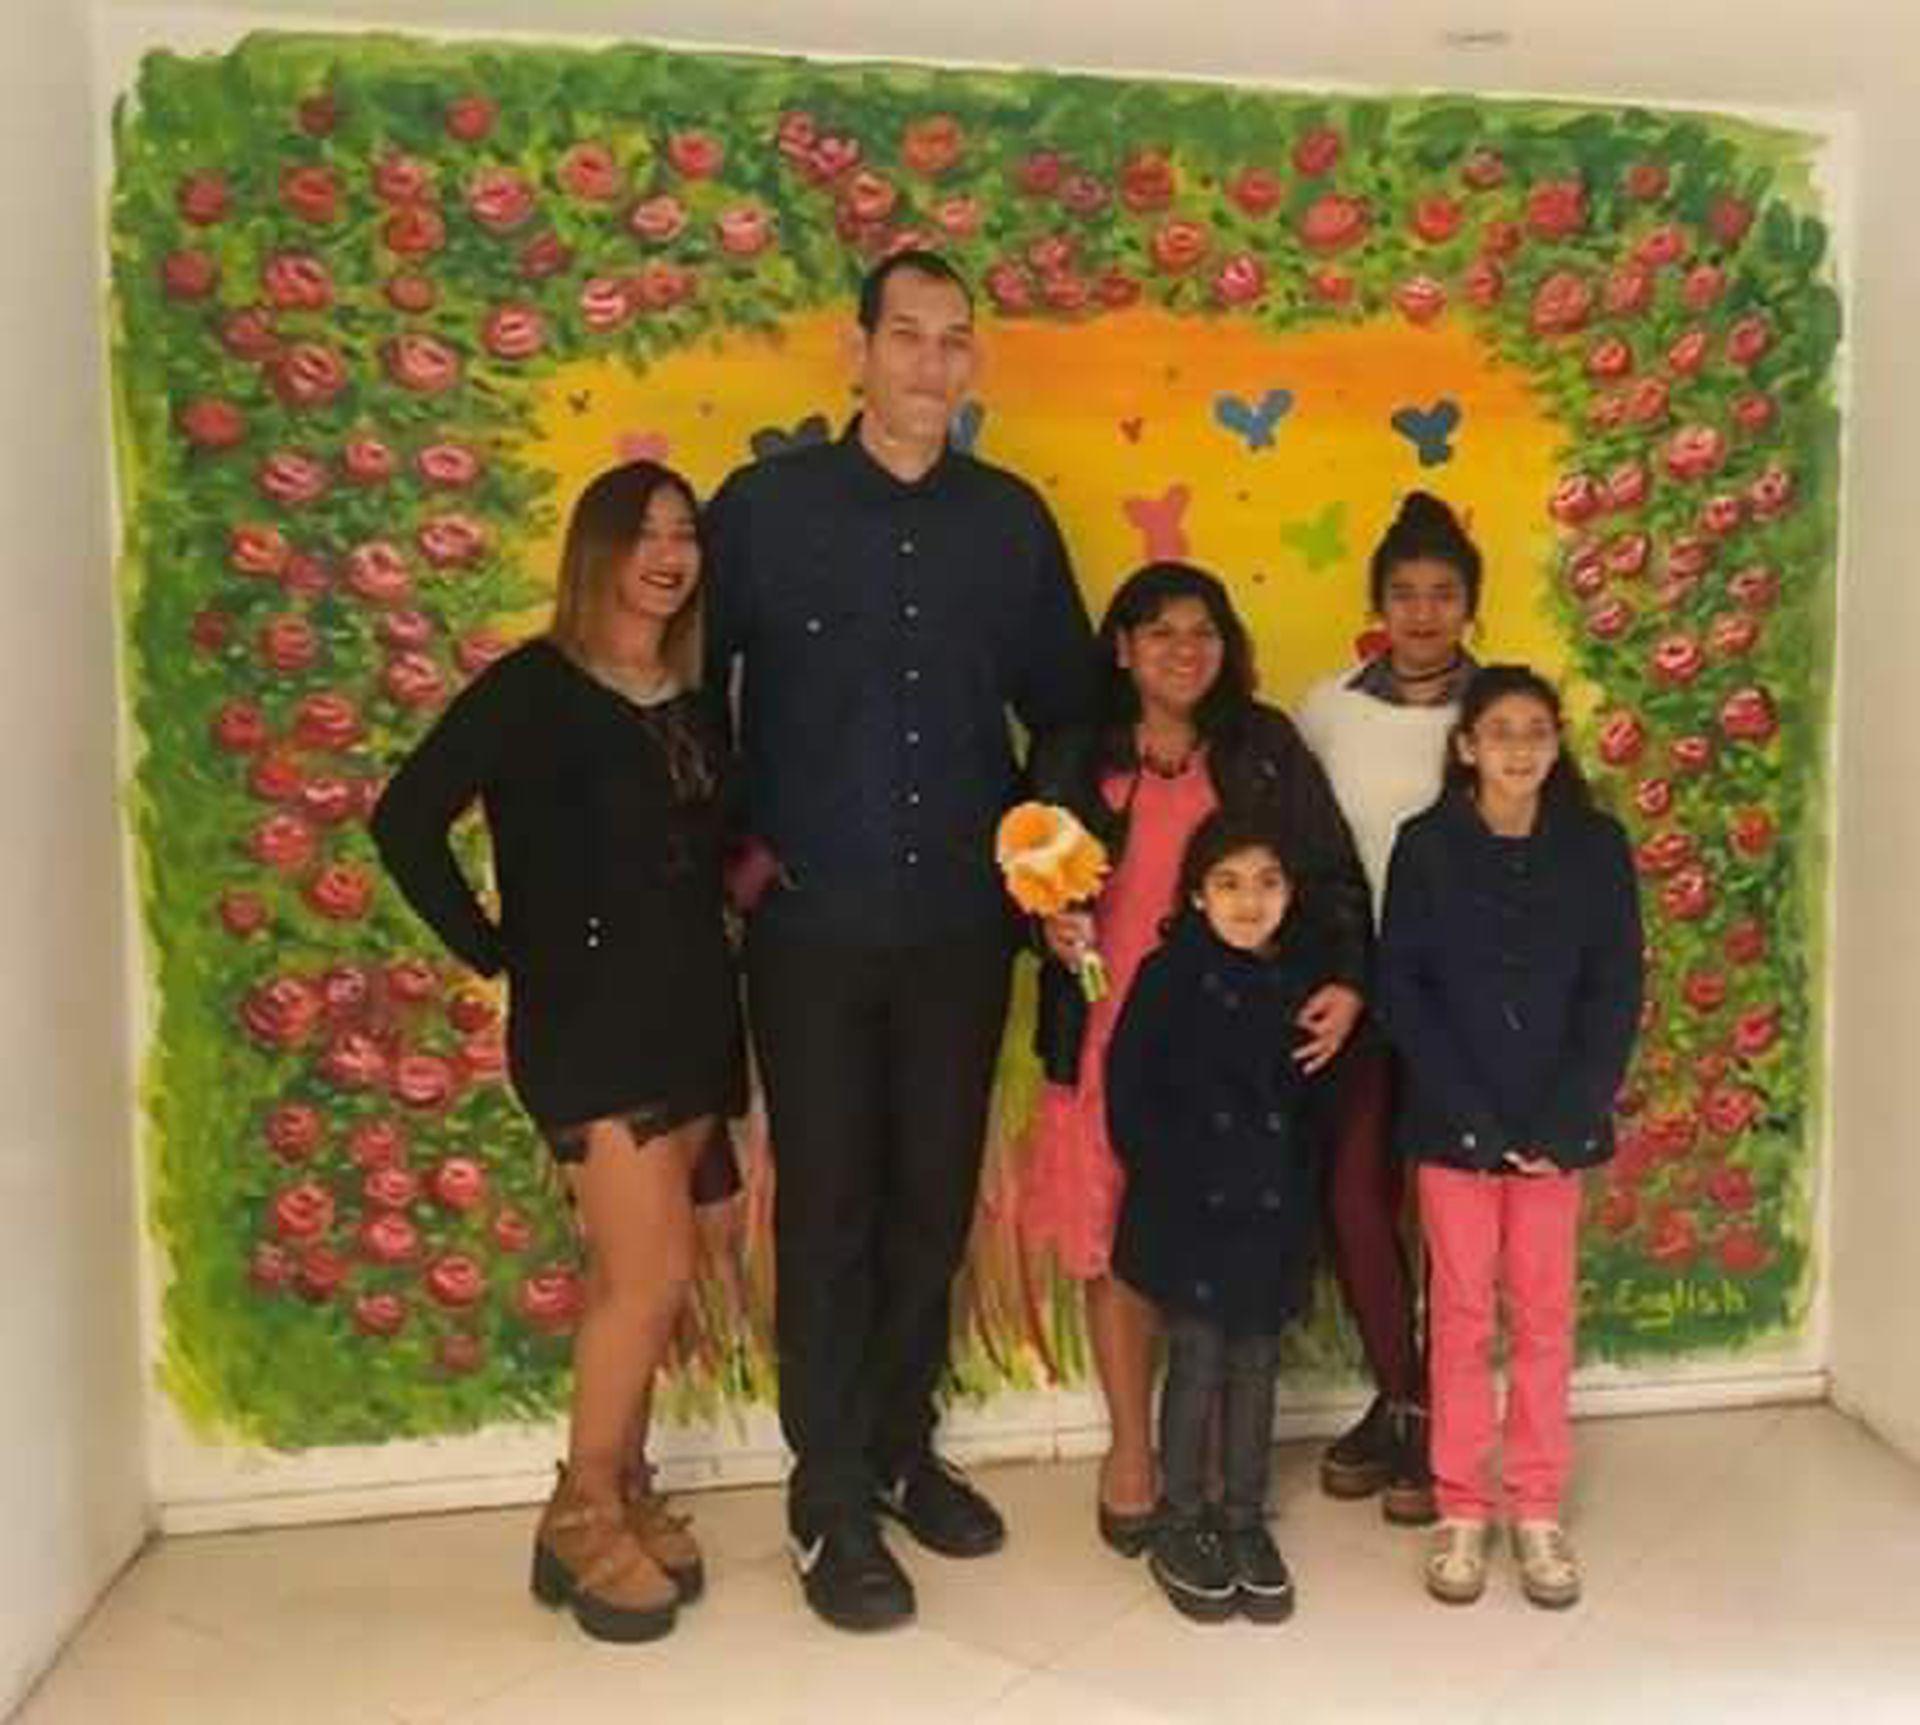 Gómez y Pereira se casaron hace cuatro años; en la foto posan junto a las tres hijas menores de Pereira y su nieta mayor